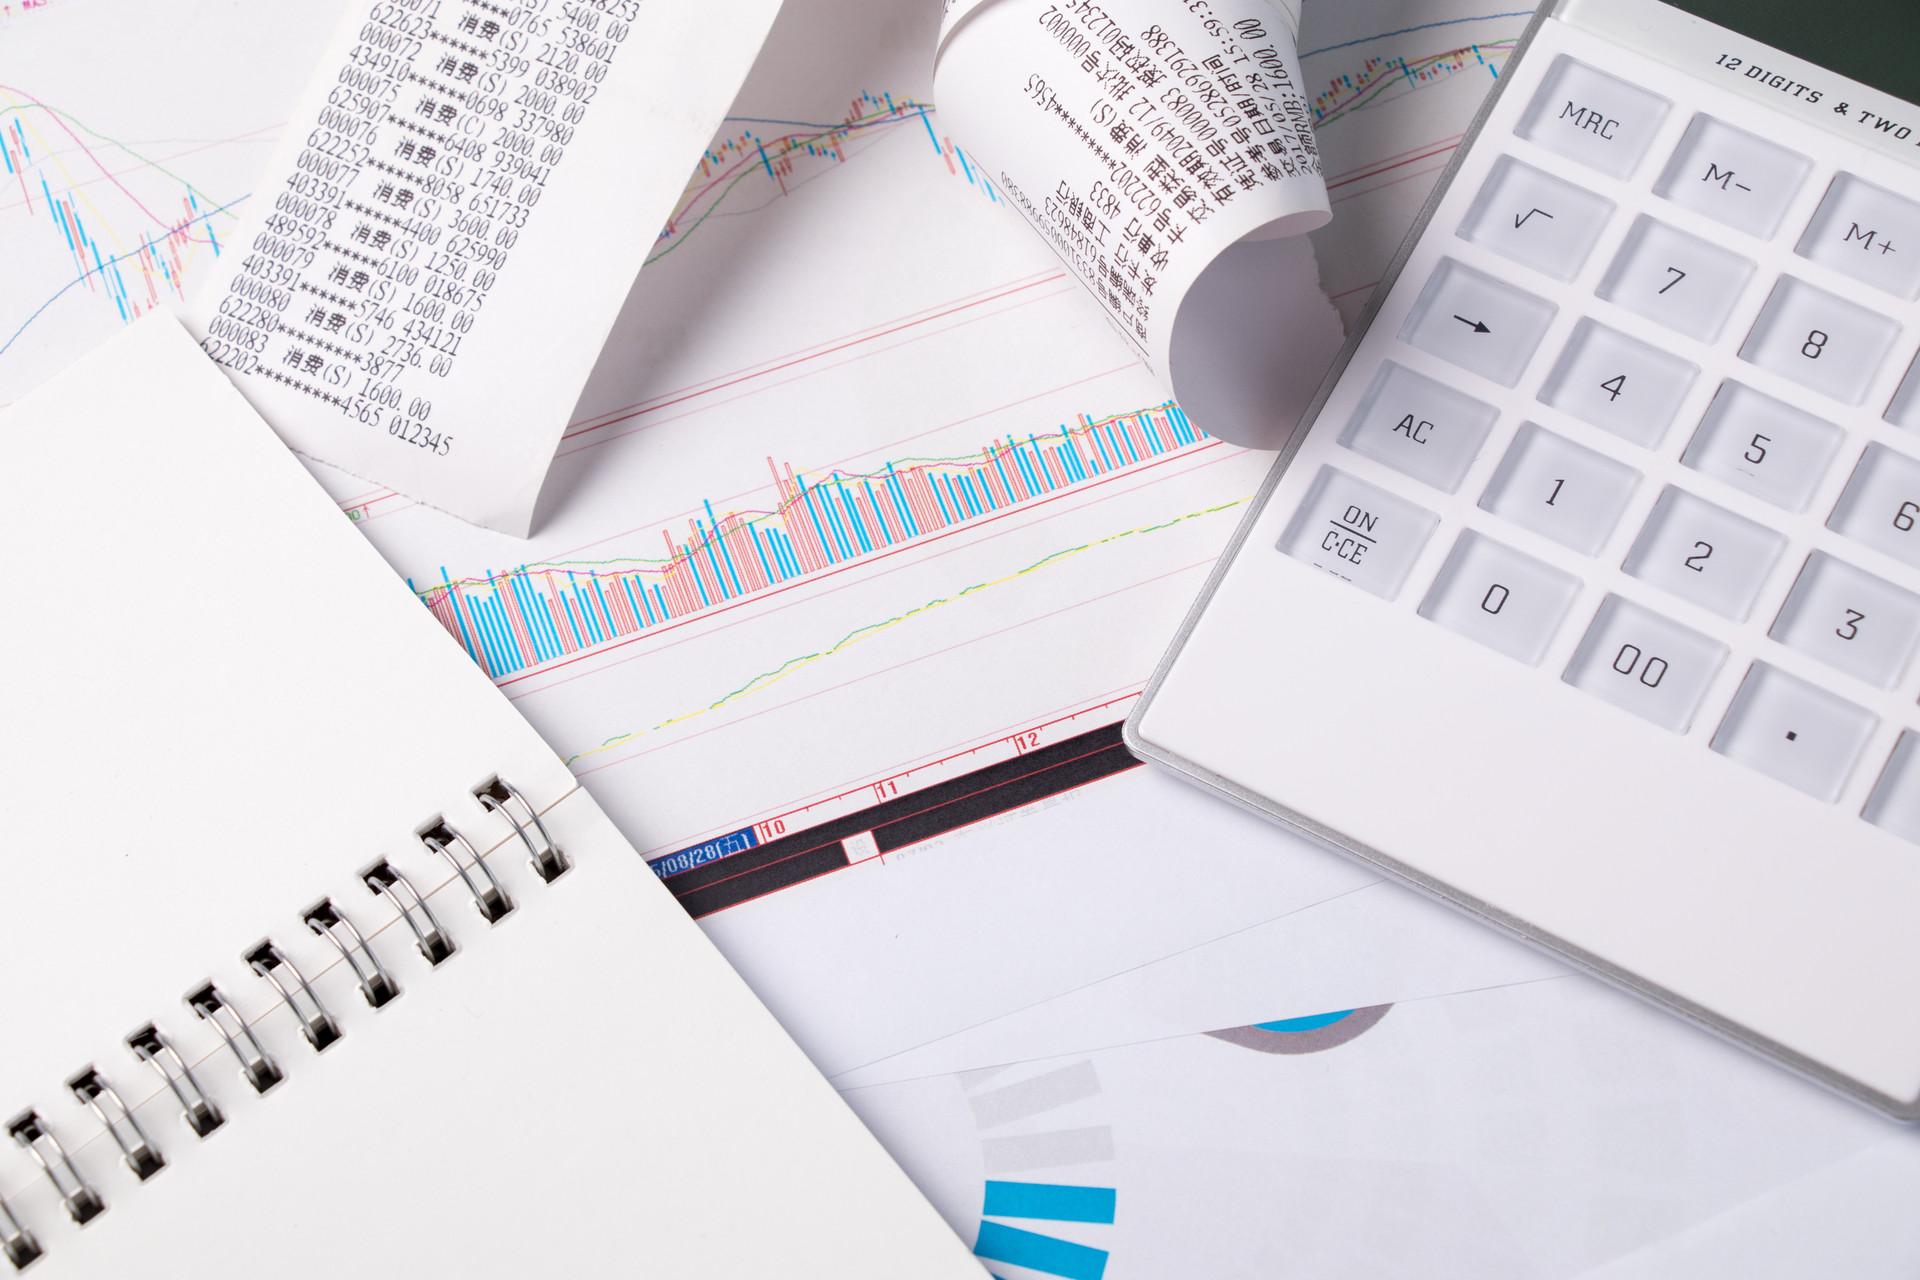 财务人员如何将工资表发送到每个人的邮箱?